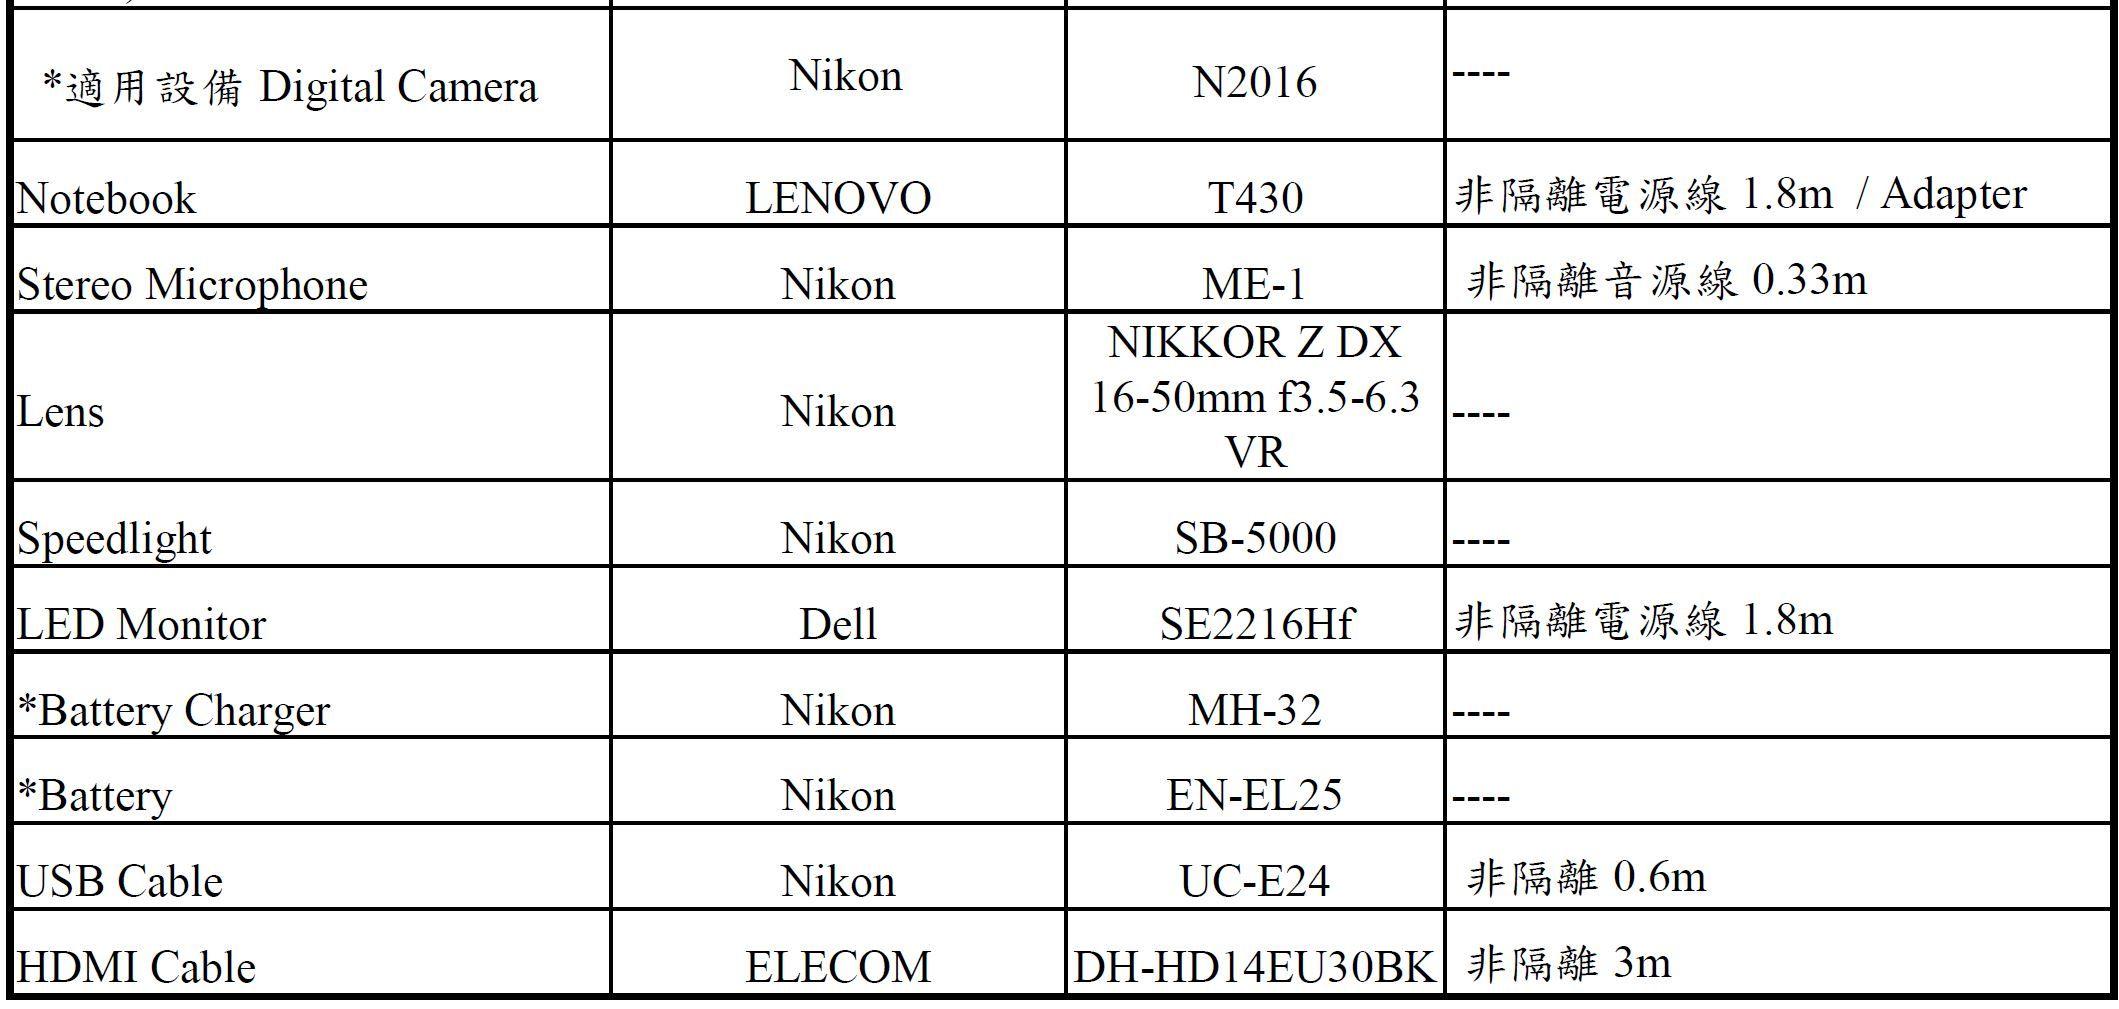 Совместимость камеры Nikon с кодовым обозначением N2016 с аксессуарами